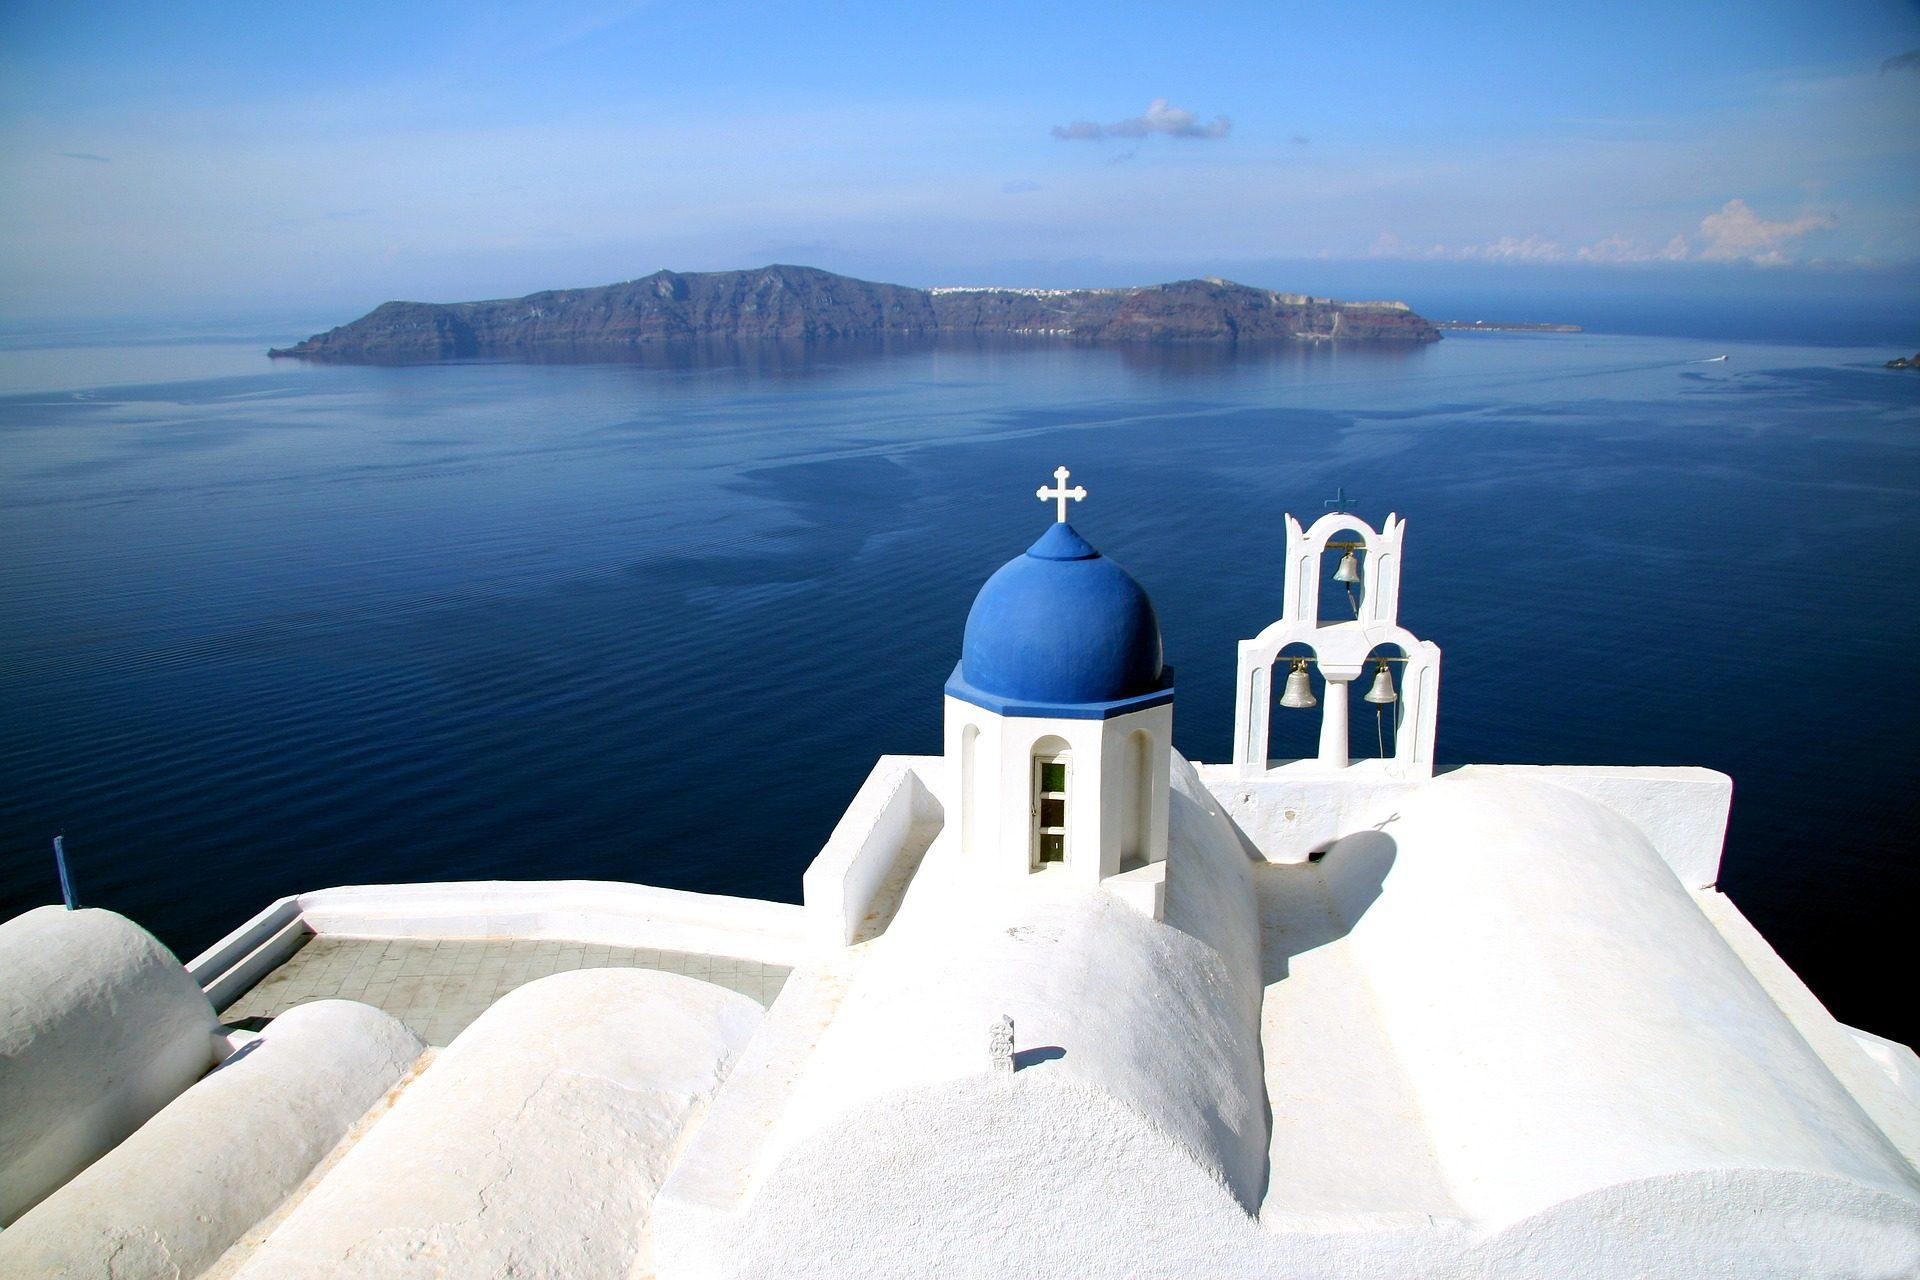 Mar, Montanha, Ilha, Igreja, Santuário, Santorini, Grécia - Papéis de parede HD - Professor-falken.com